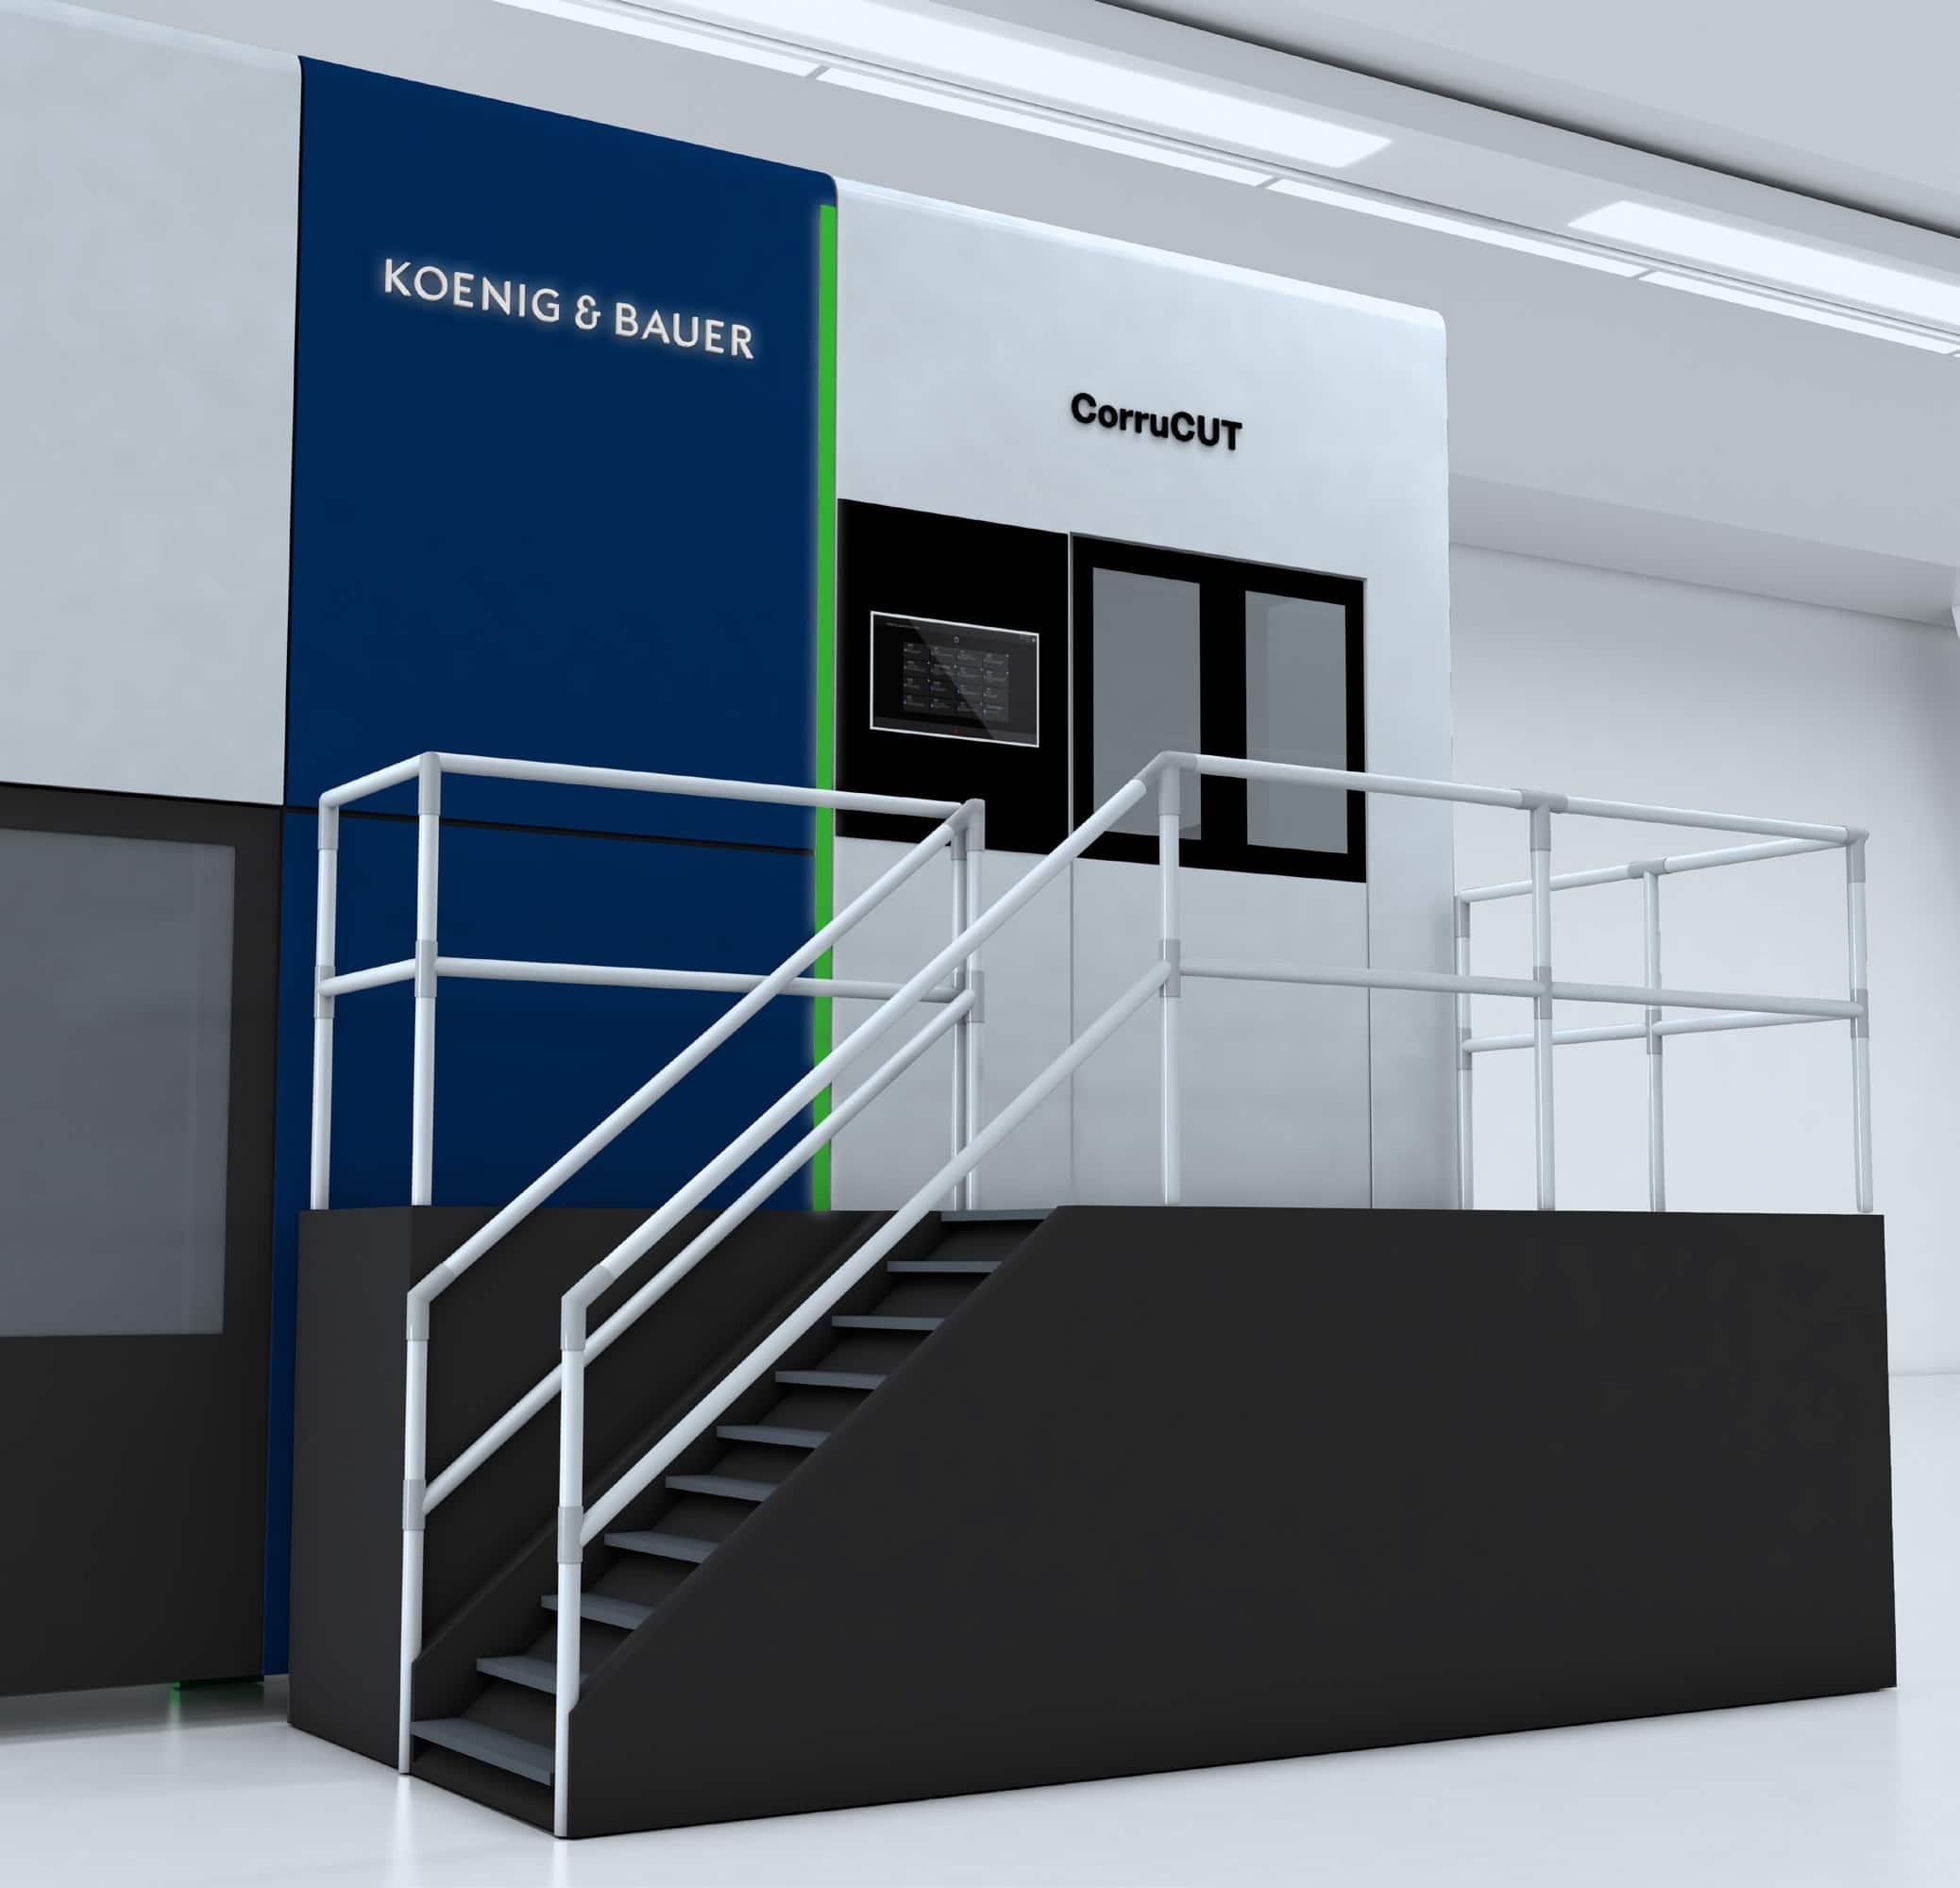 Dettaglio della CorruCUT di Koenig & Bauer